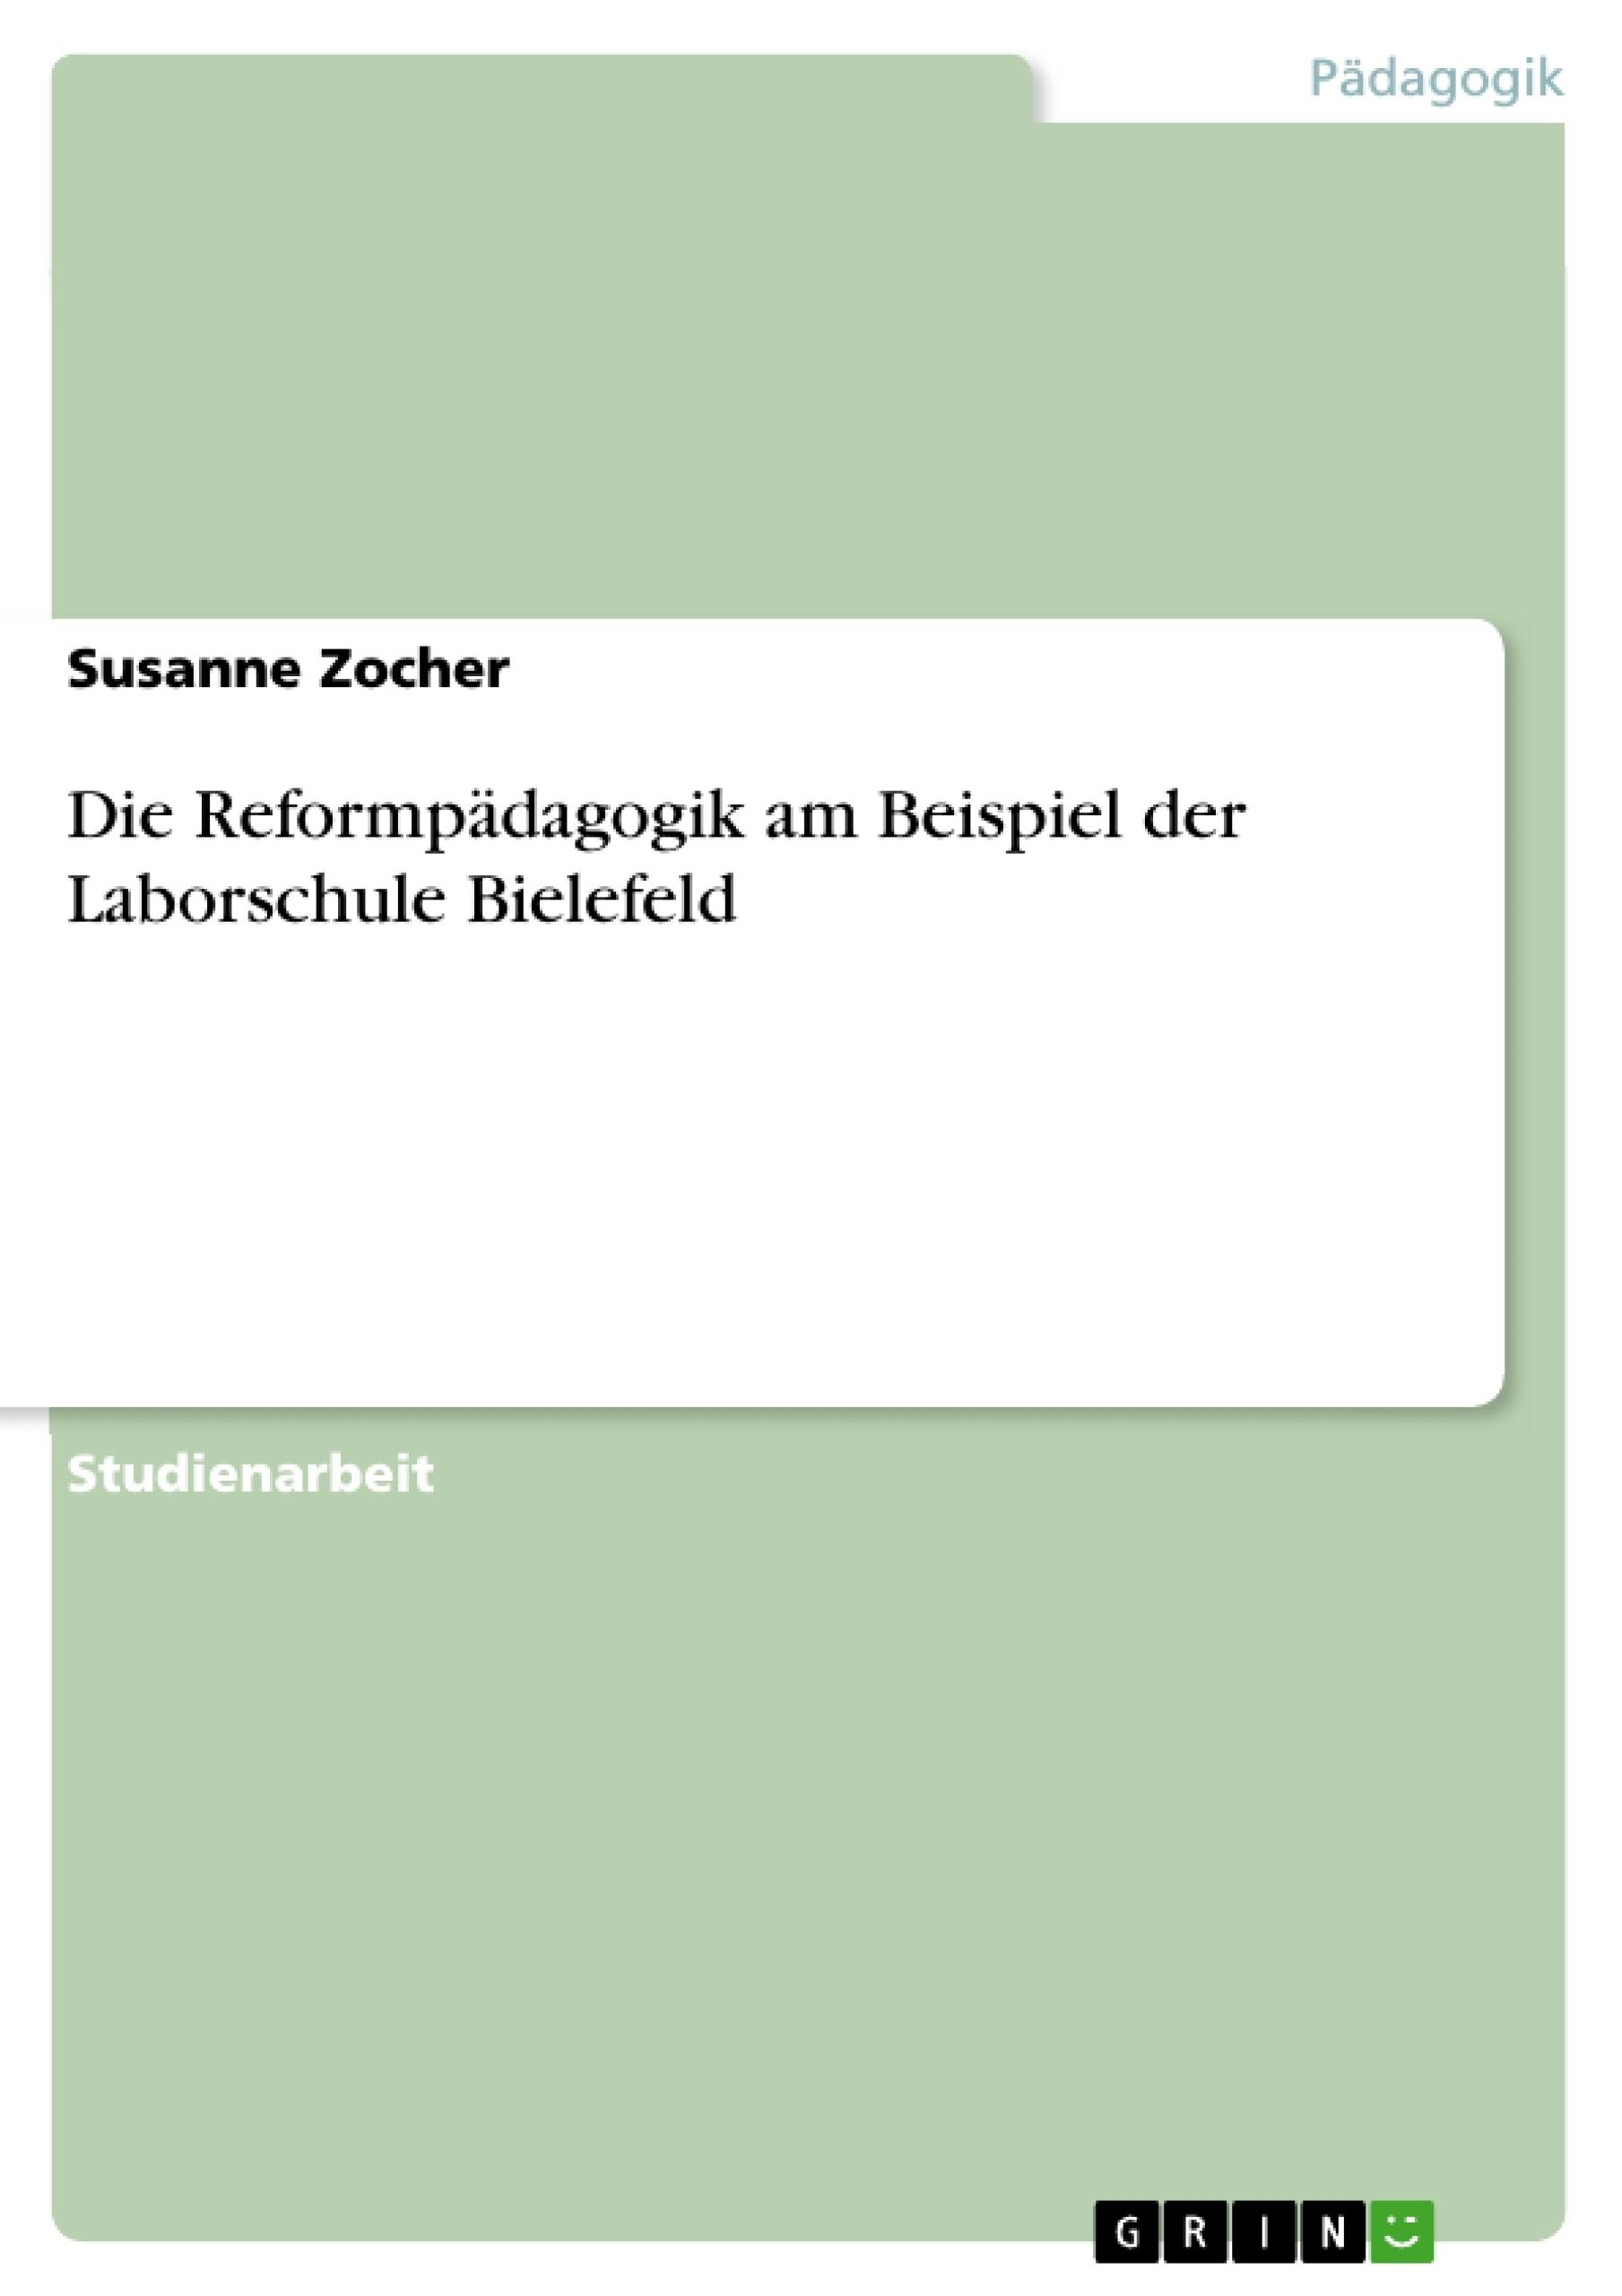 Titel: Die Reformpädagogik am Beispiel der Laborschule Bielefeld